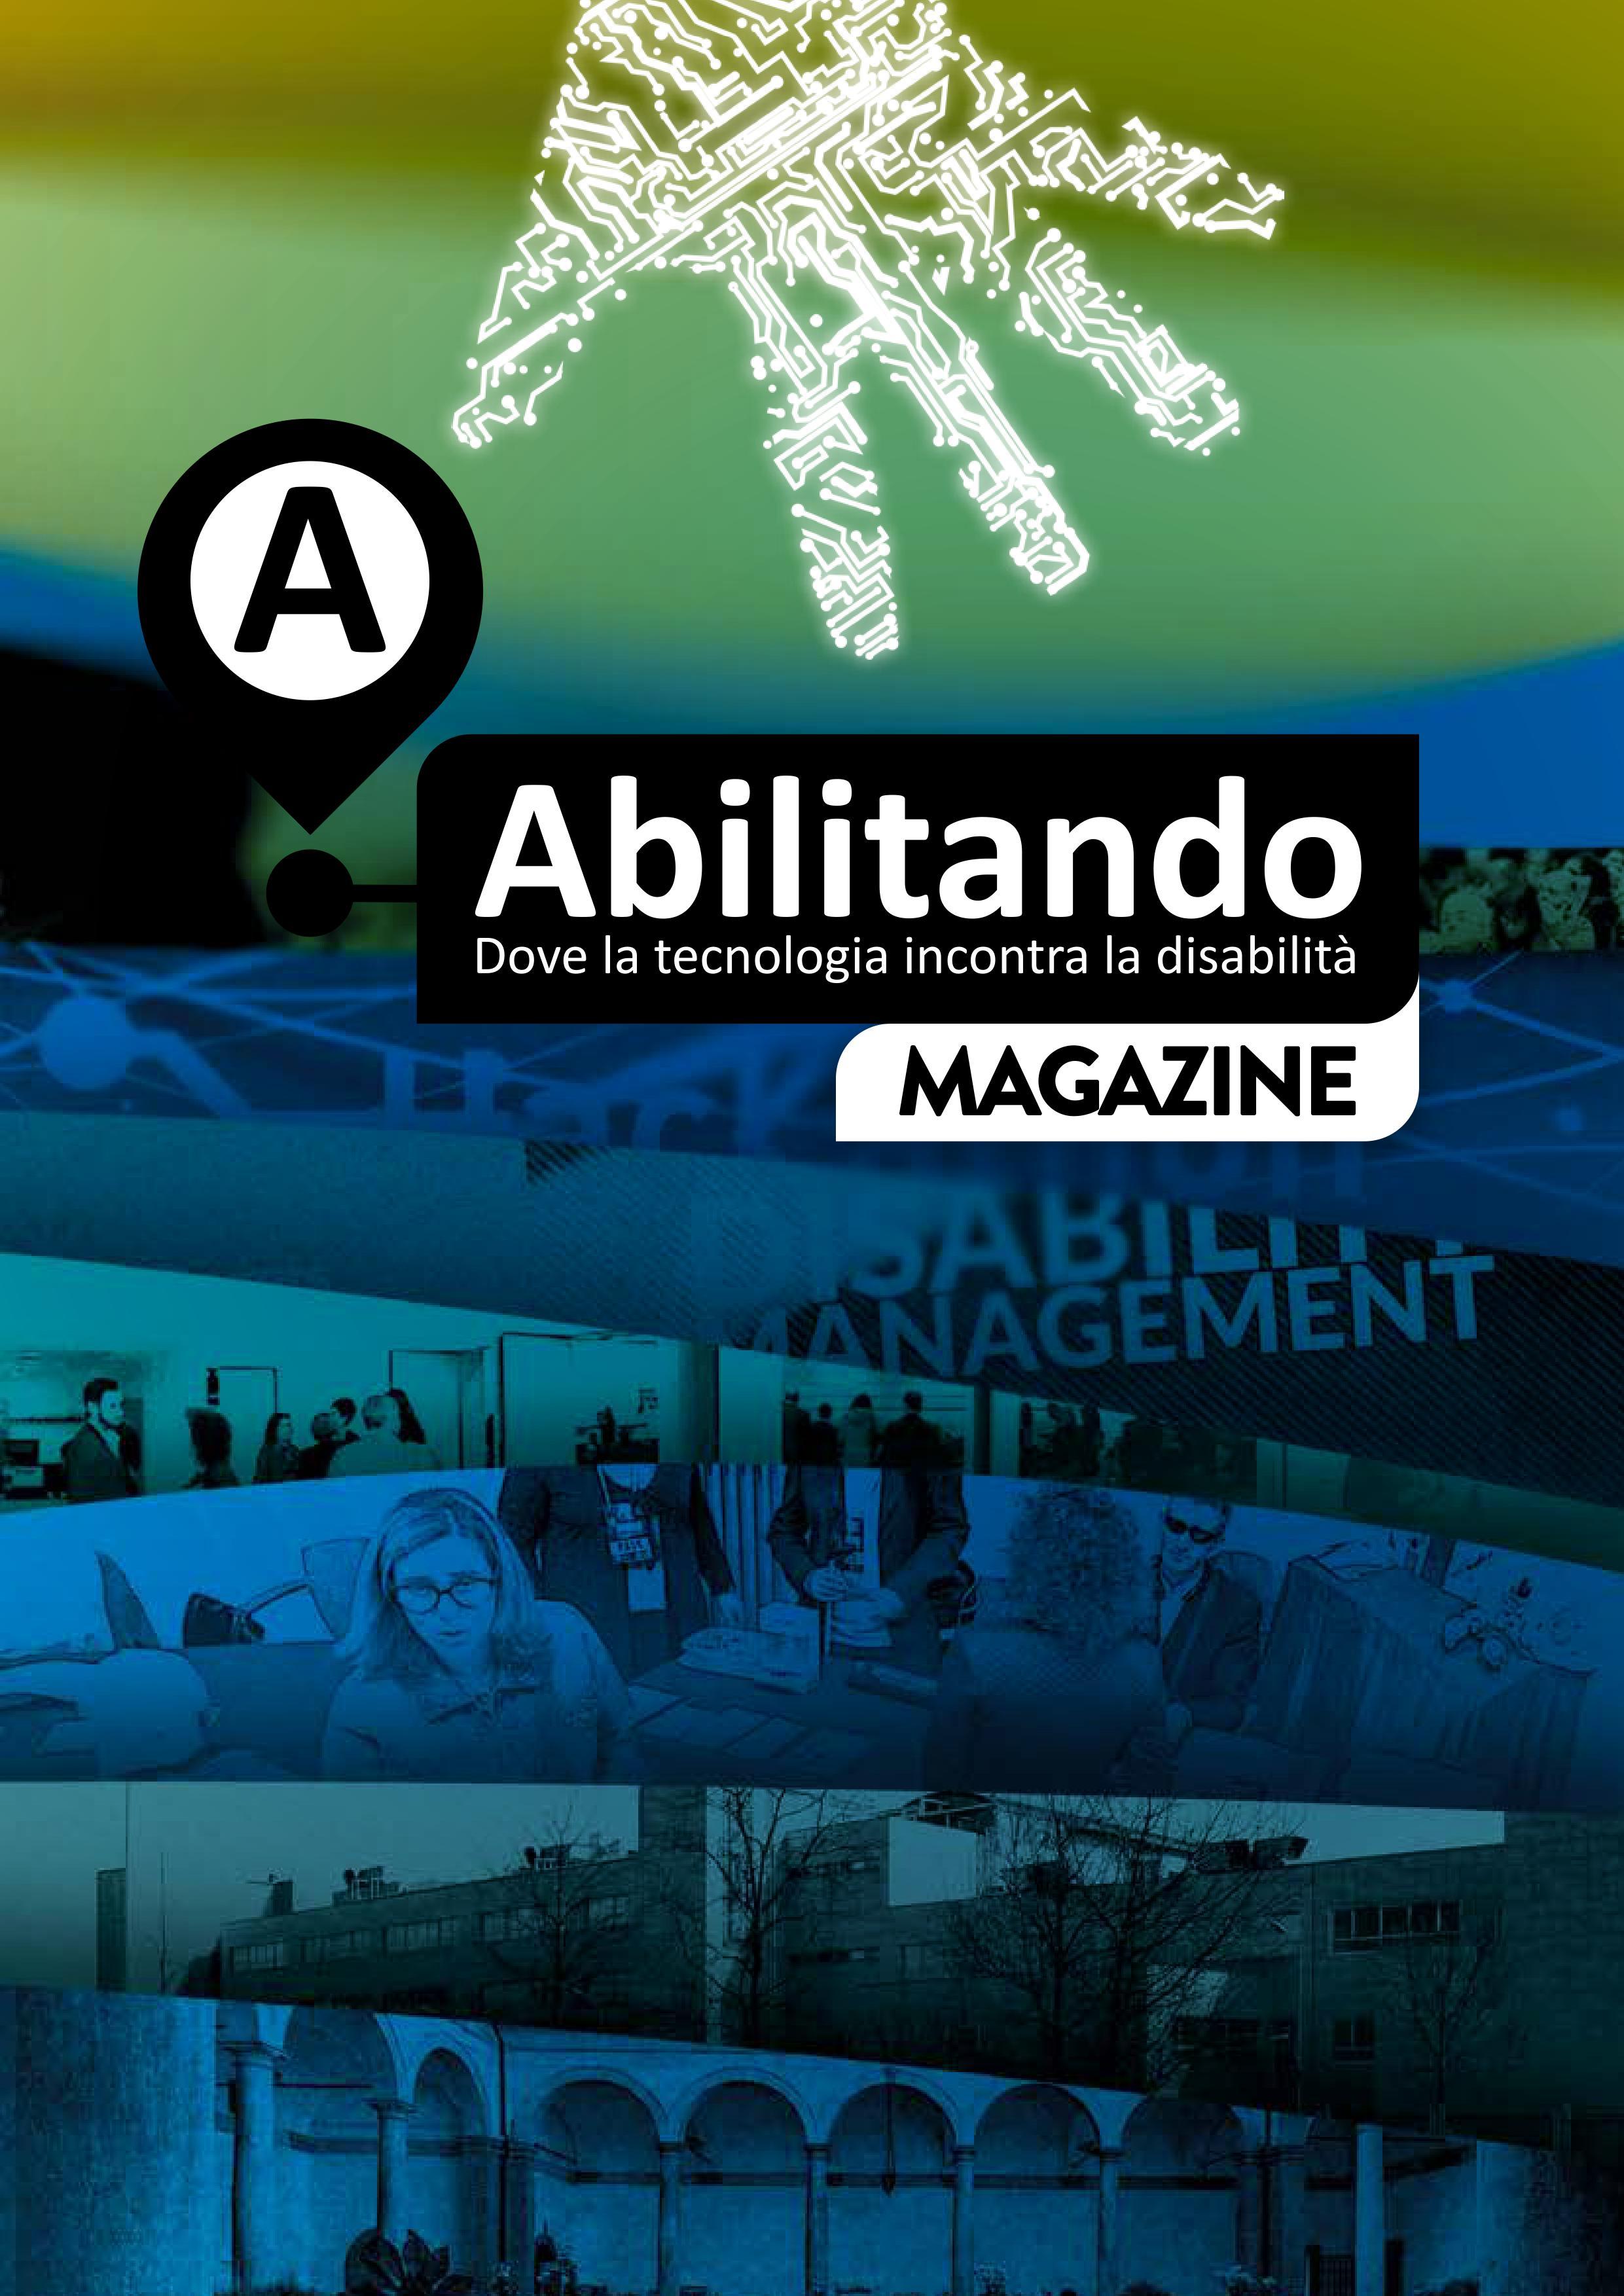 copertina brochure abilitando